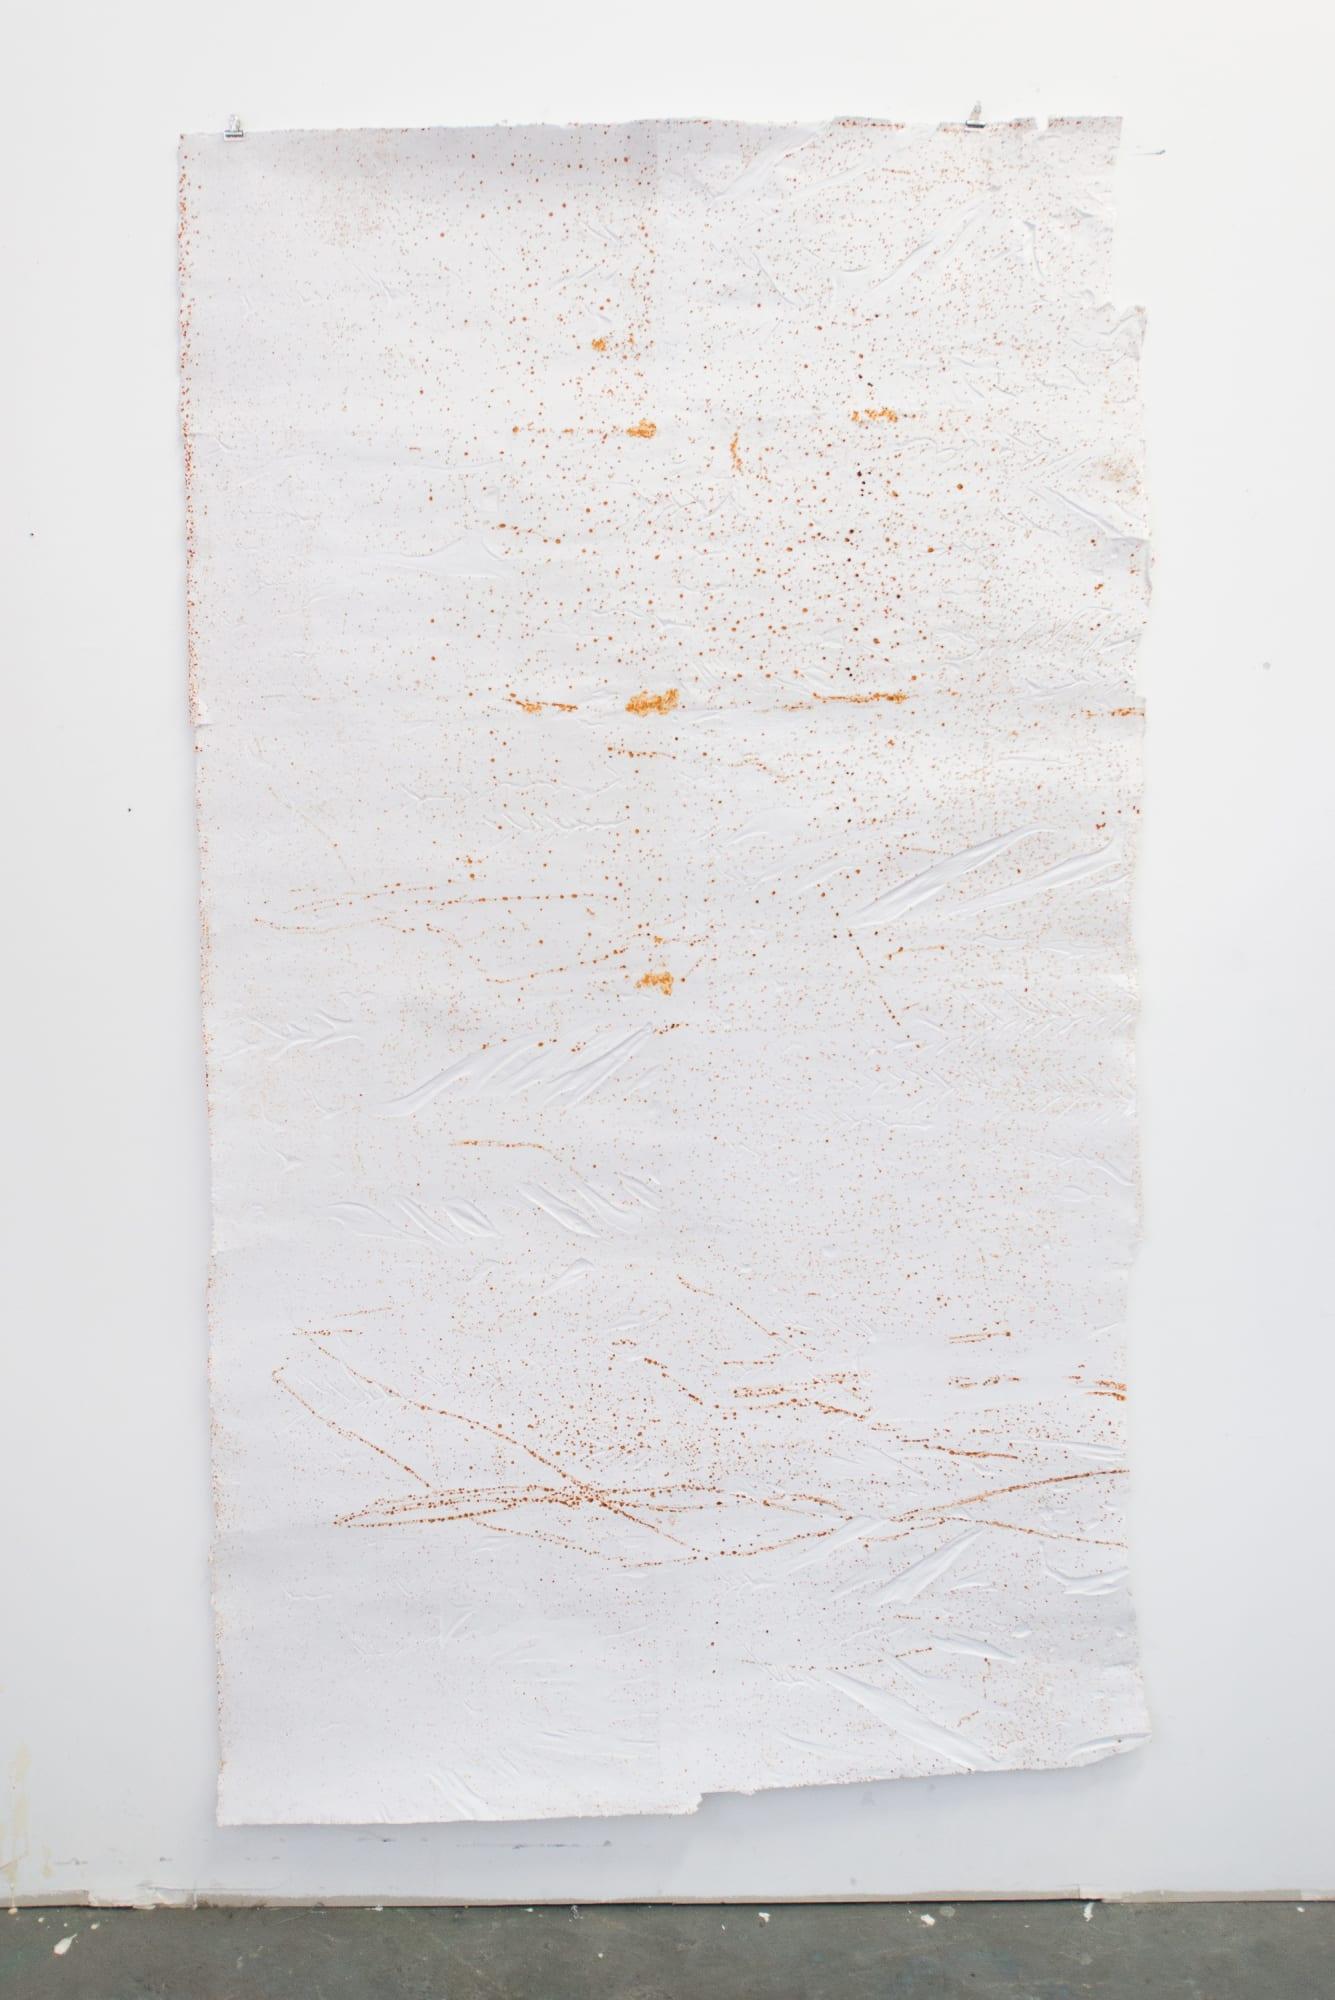 Tahir Carl Karmali: Art Düsseldorf